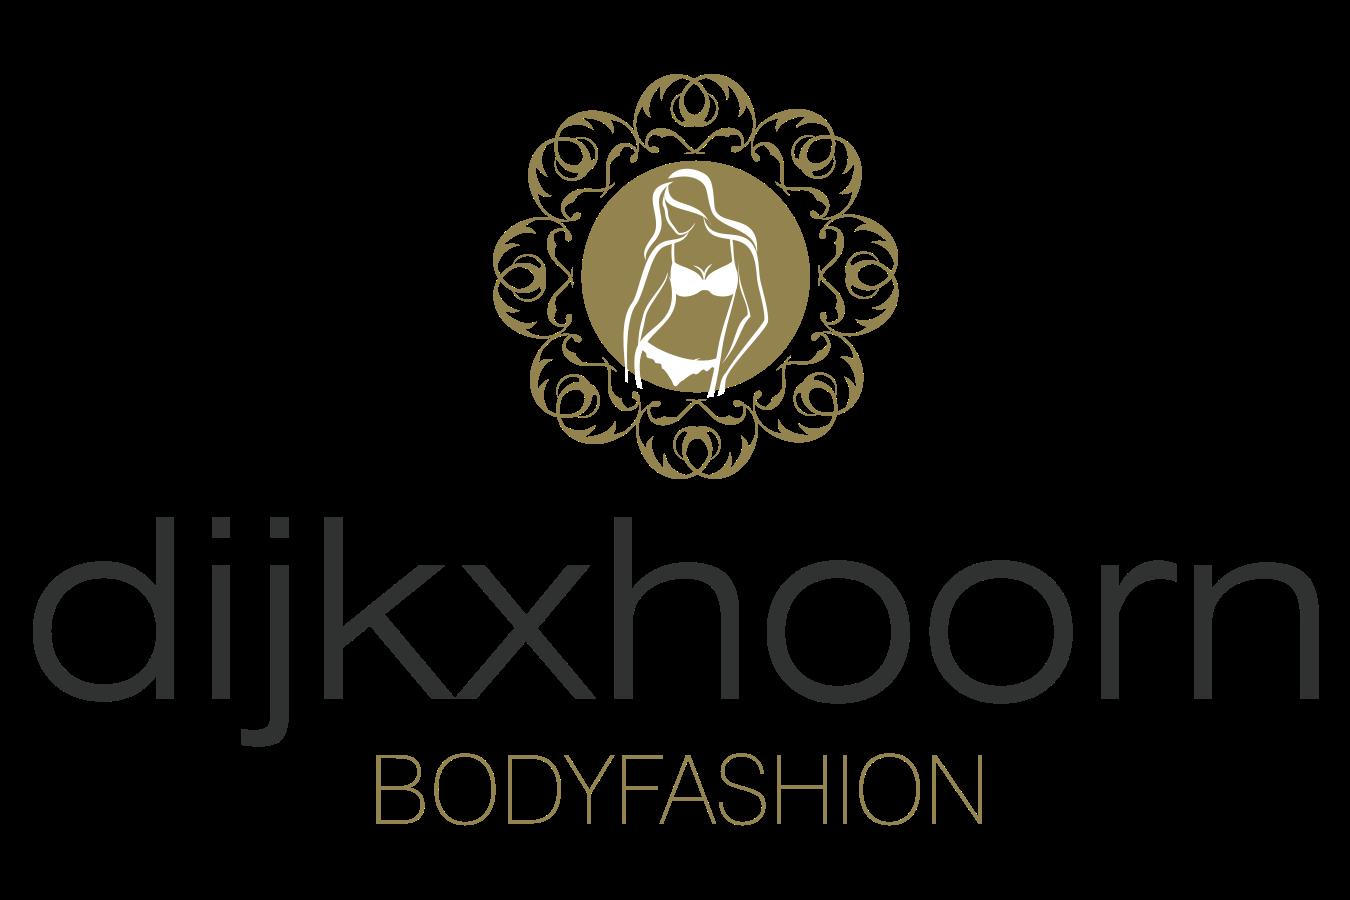 dijkxhoorn lingerie